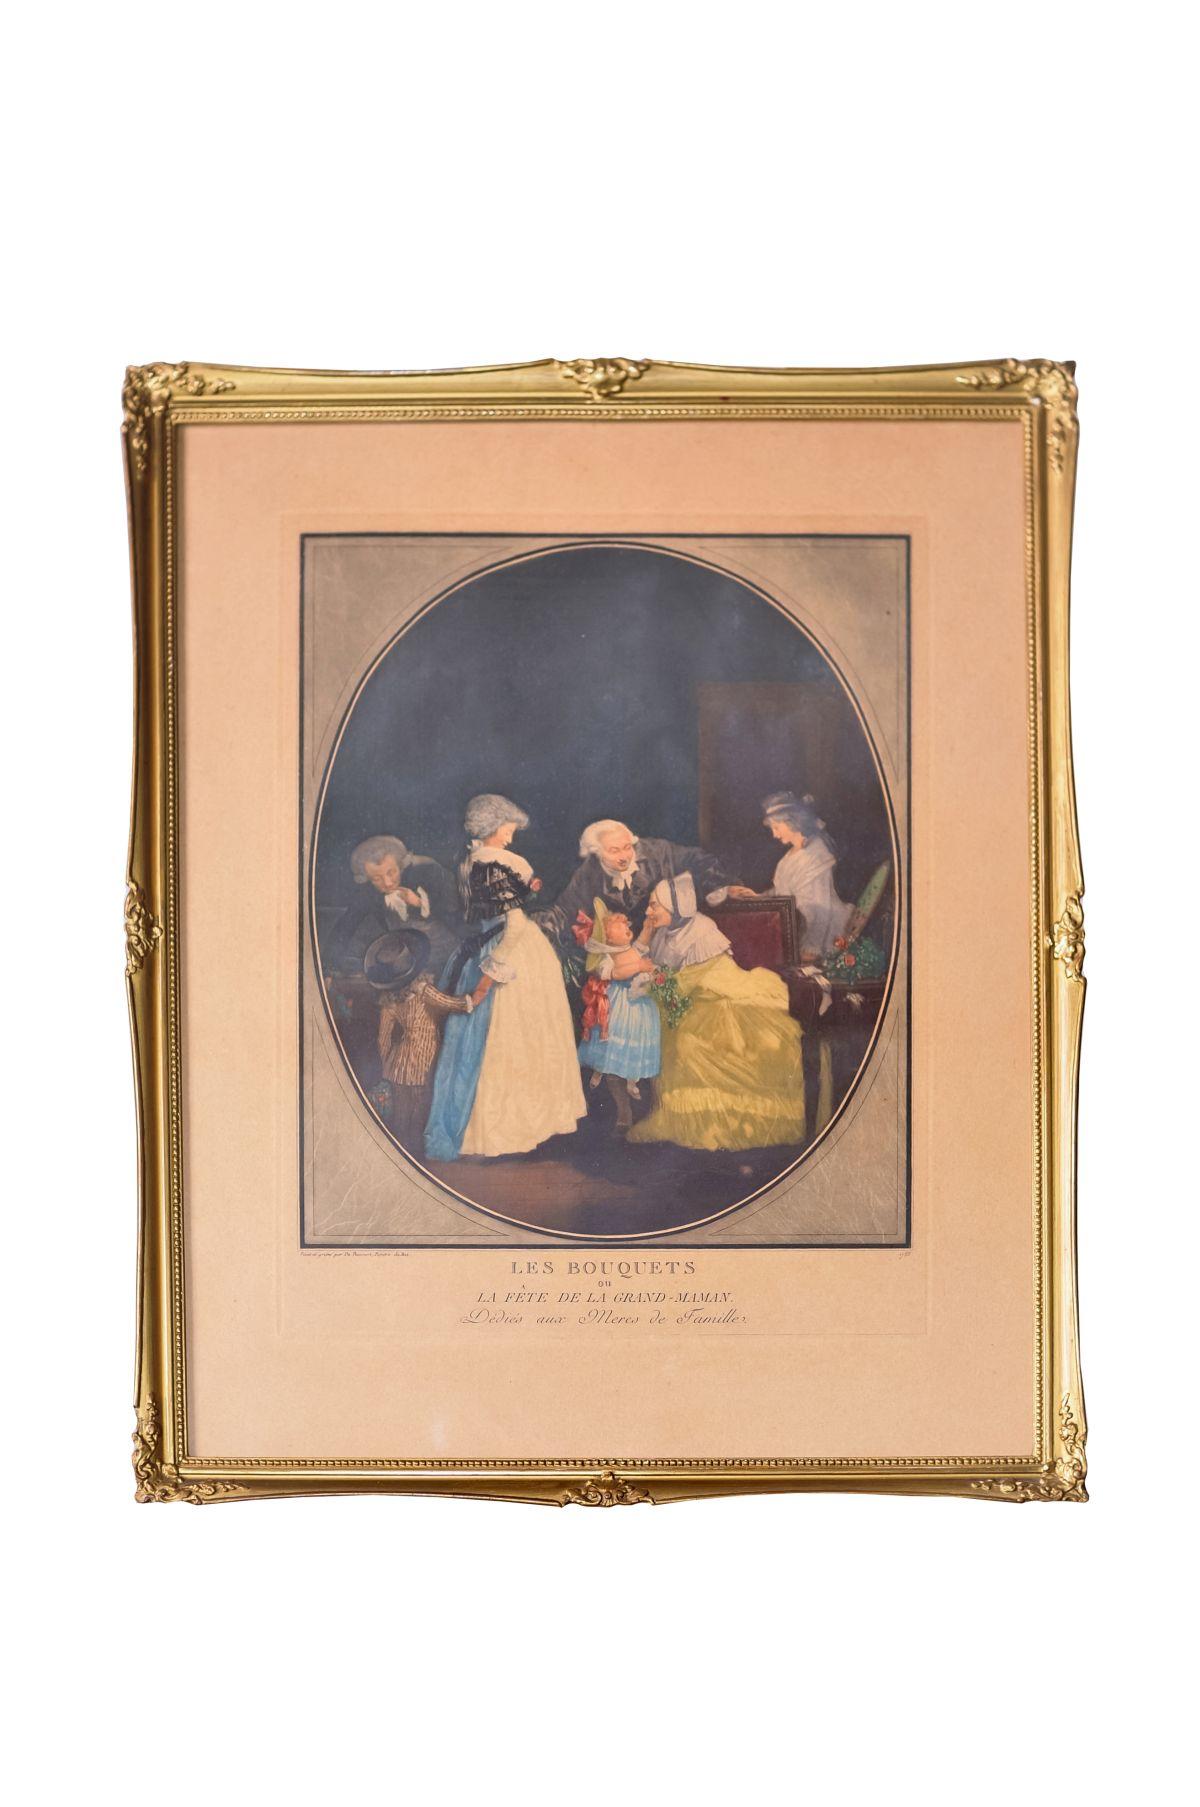 #12 Painted and engraved for Bacourt Painter of the King 1788 | Paint e gravé pour de Bacourt Peintre du Roi 1788 Image